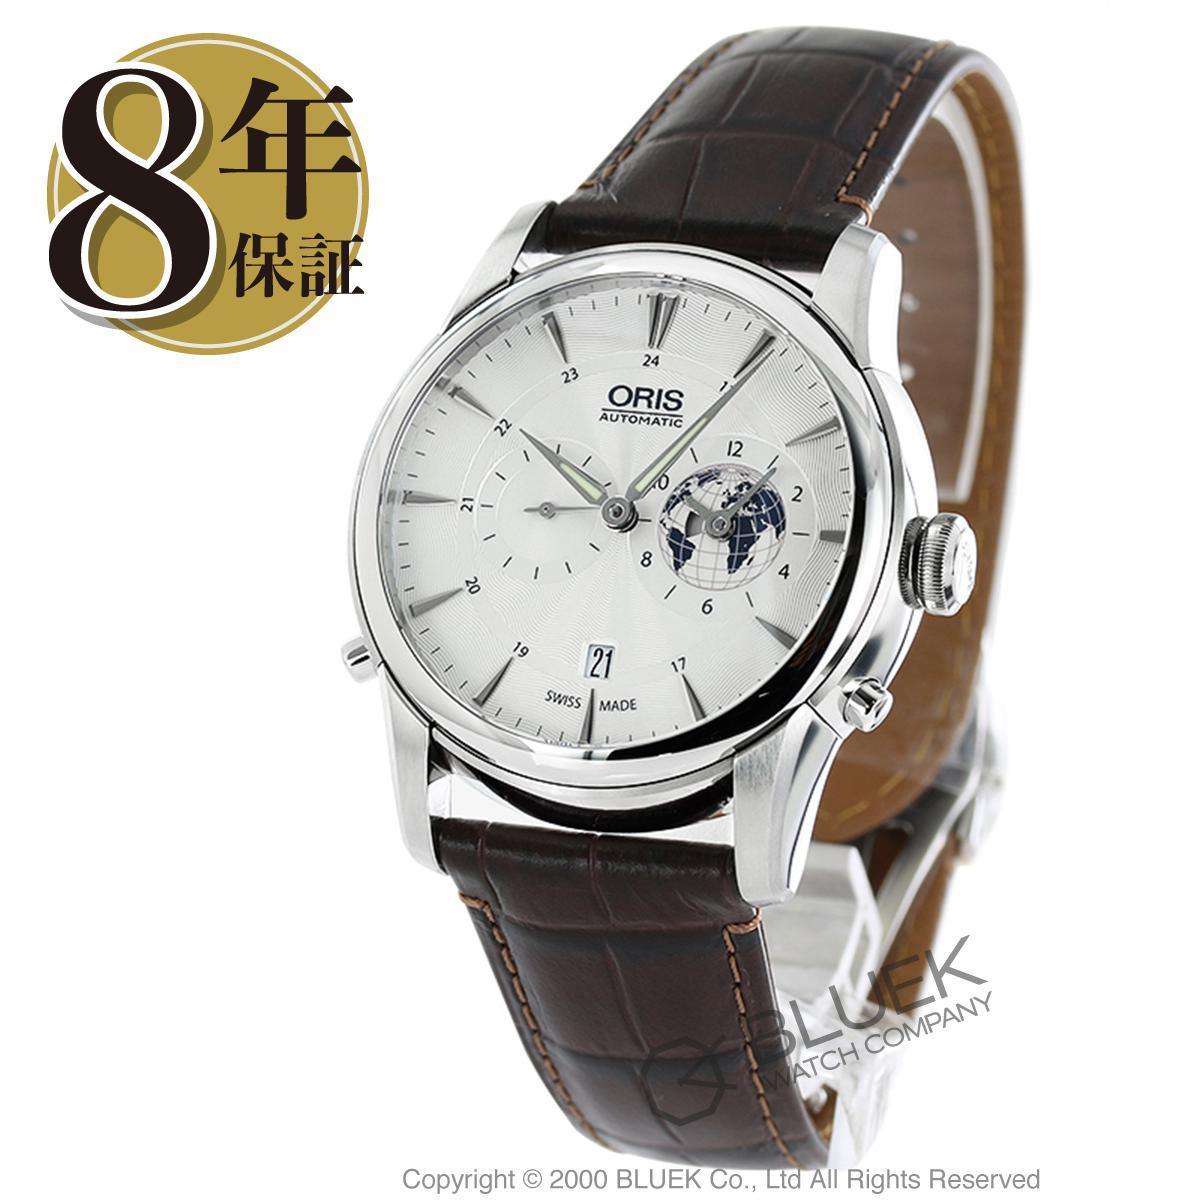 オリス アートリエ 腕時計 メンズ ORIS 690 7690 4081D_8